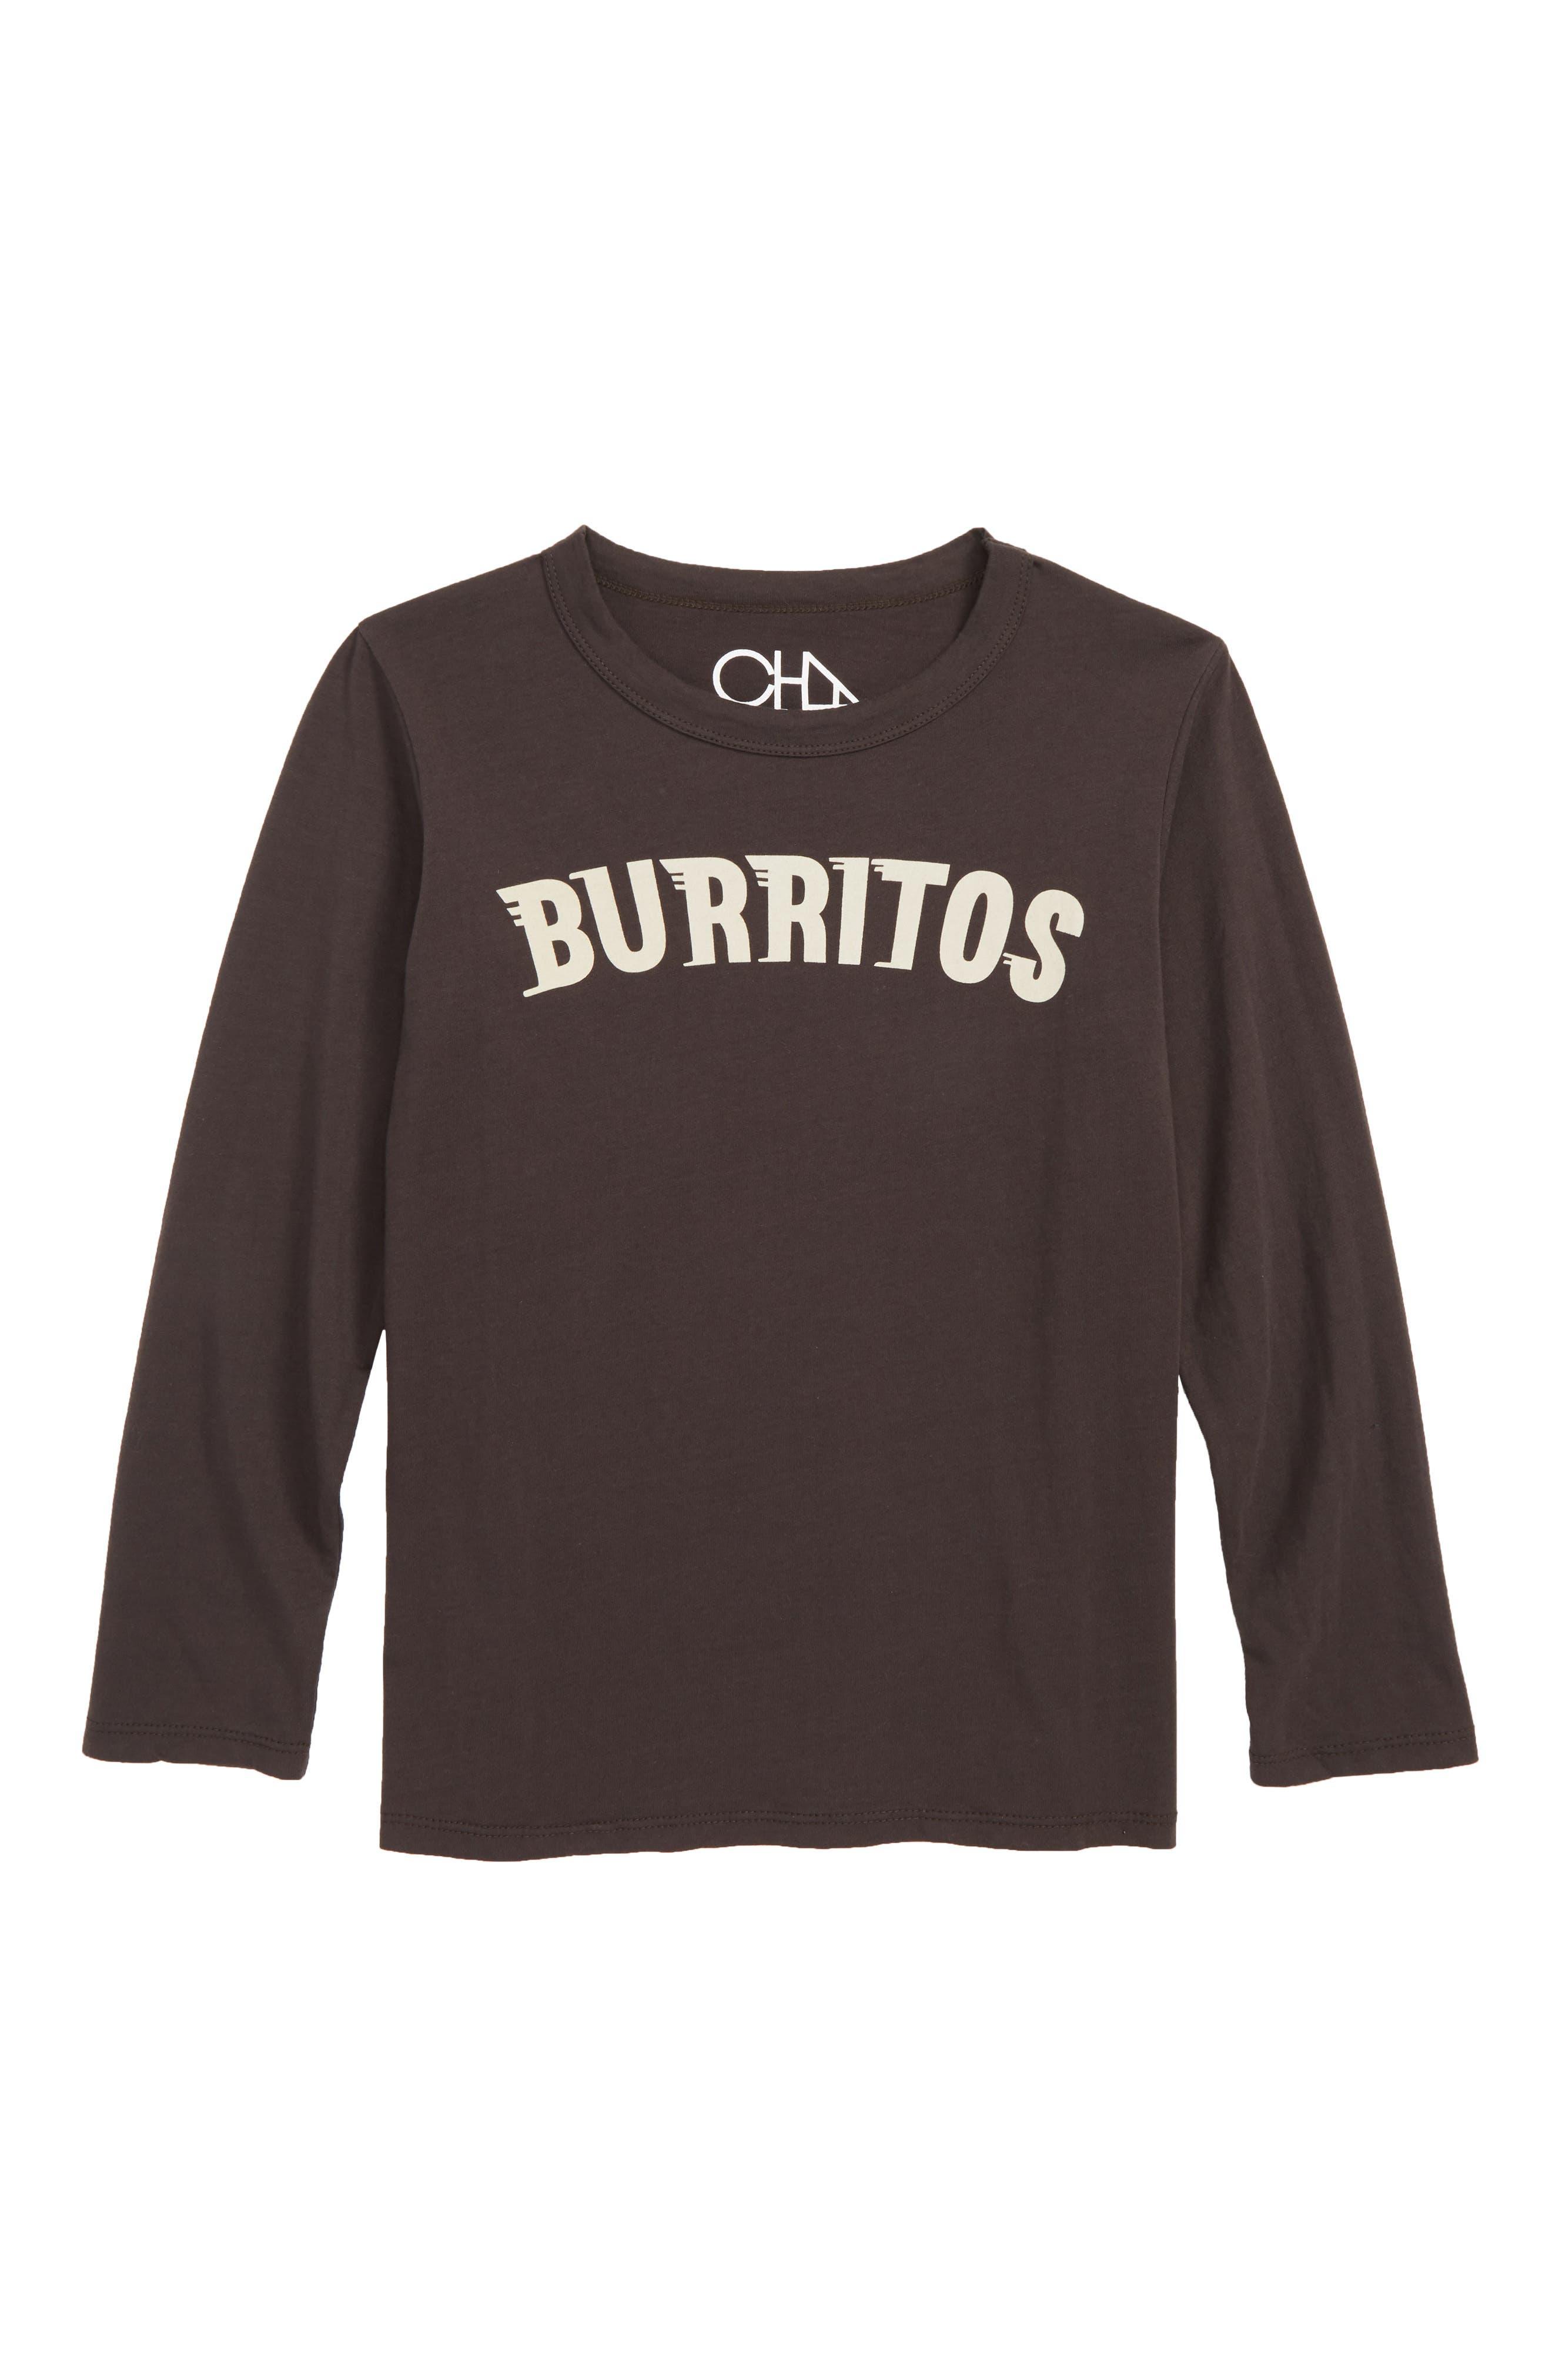 Burritos Graphic T-Shirt,                             Main thumbnail 1, color,                             VINTAGE BLACK